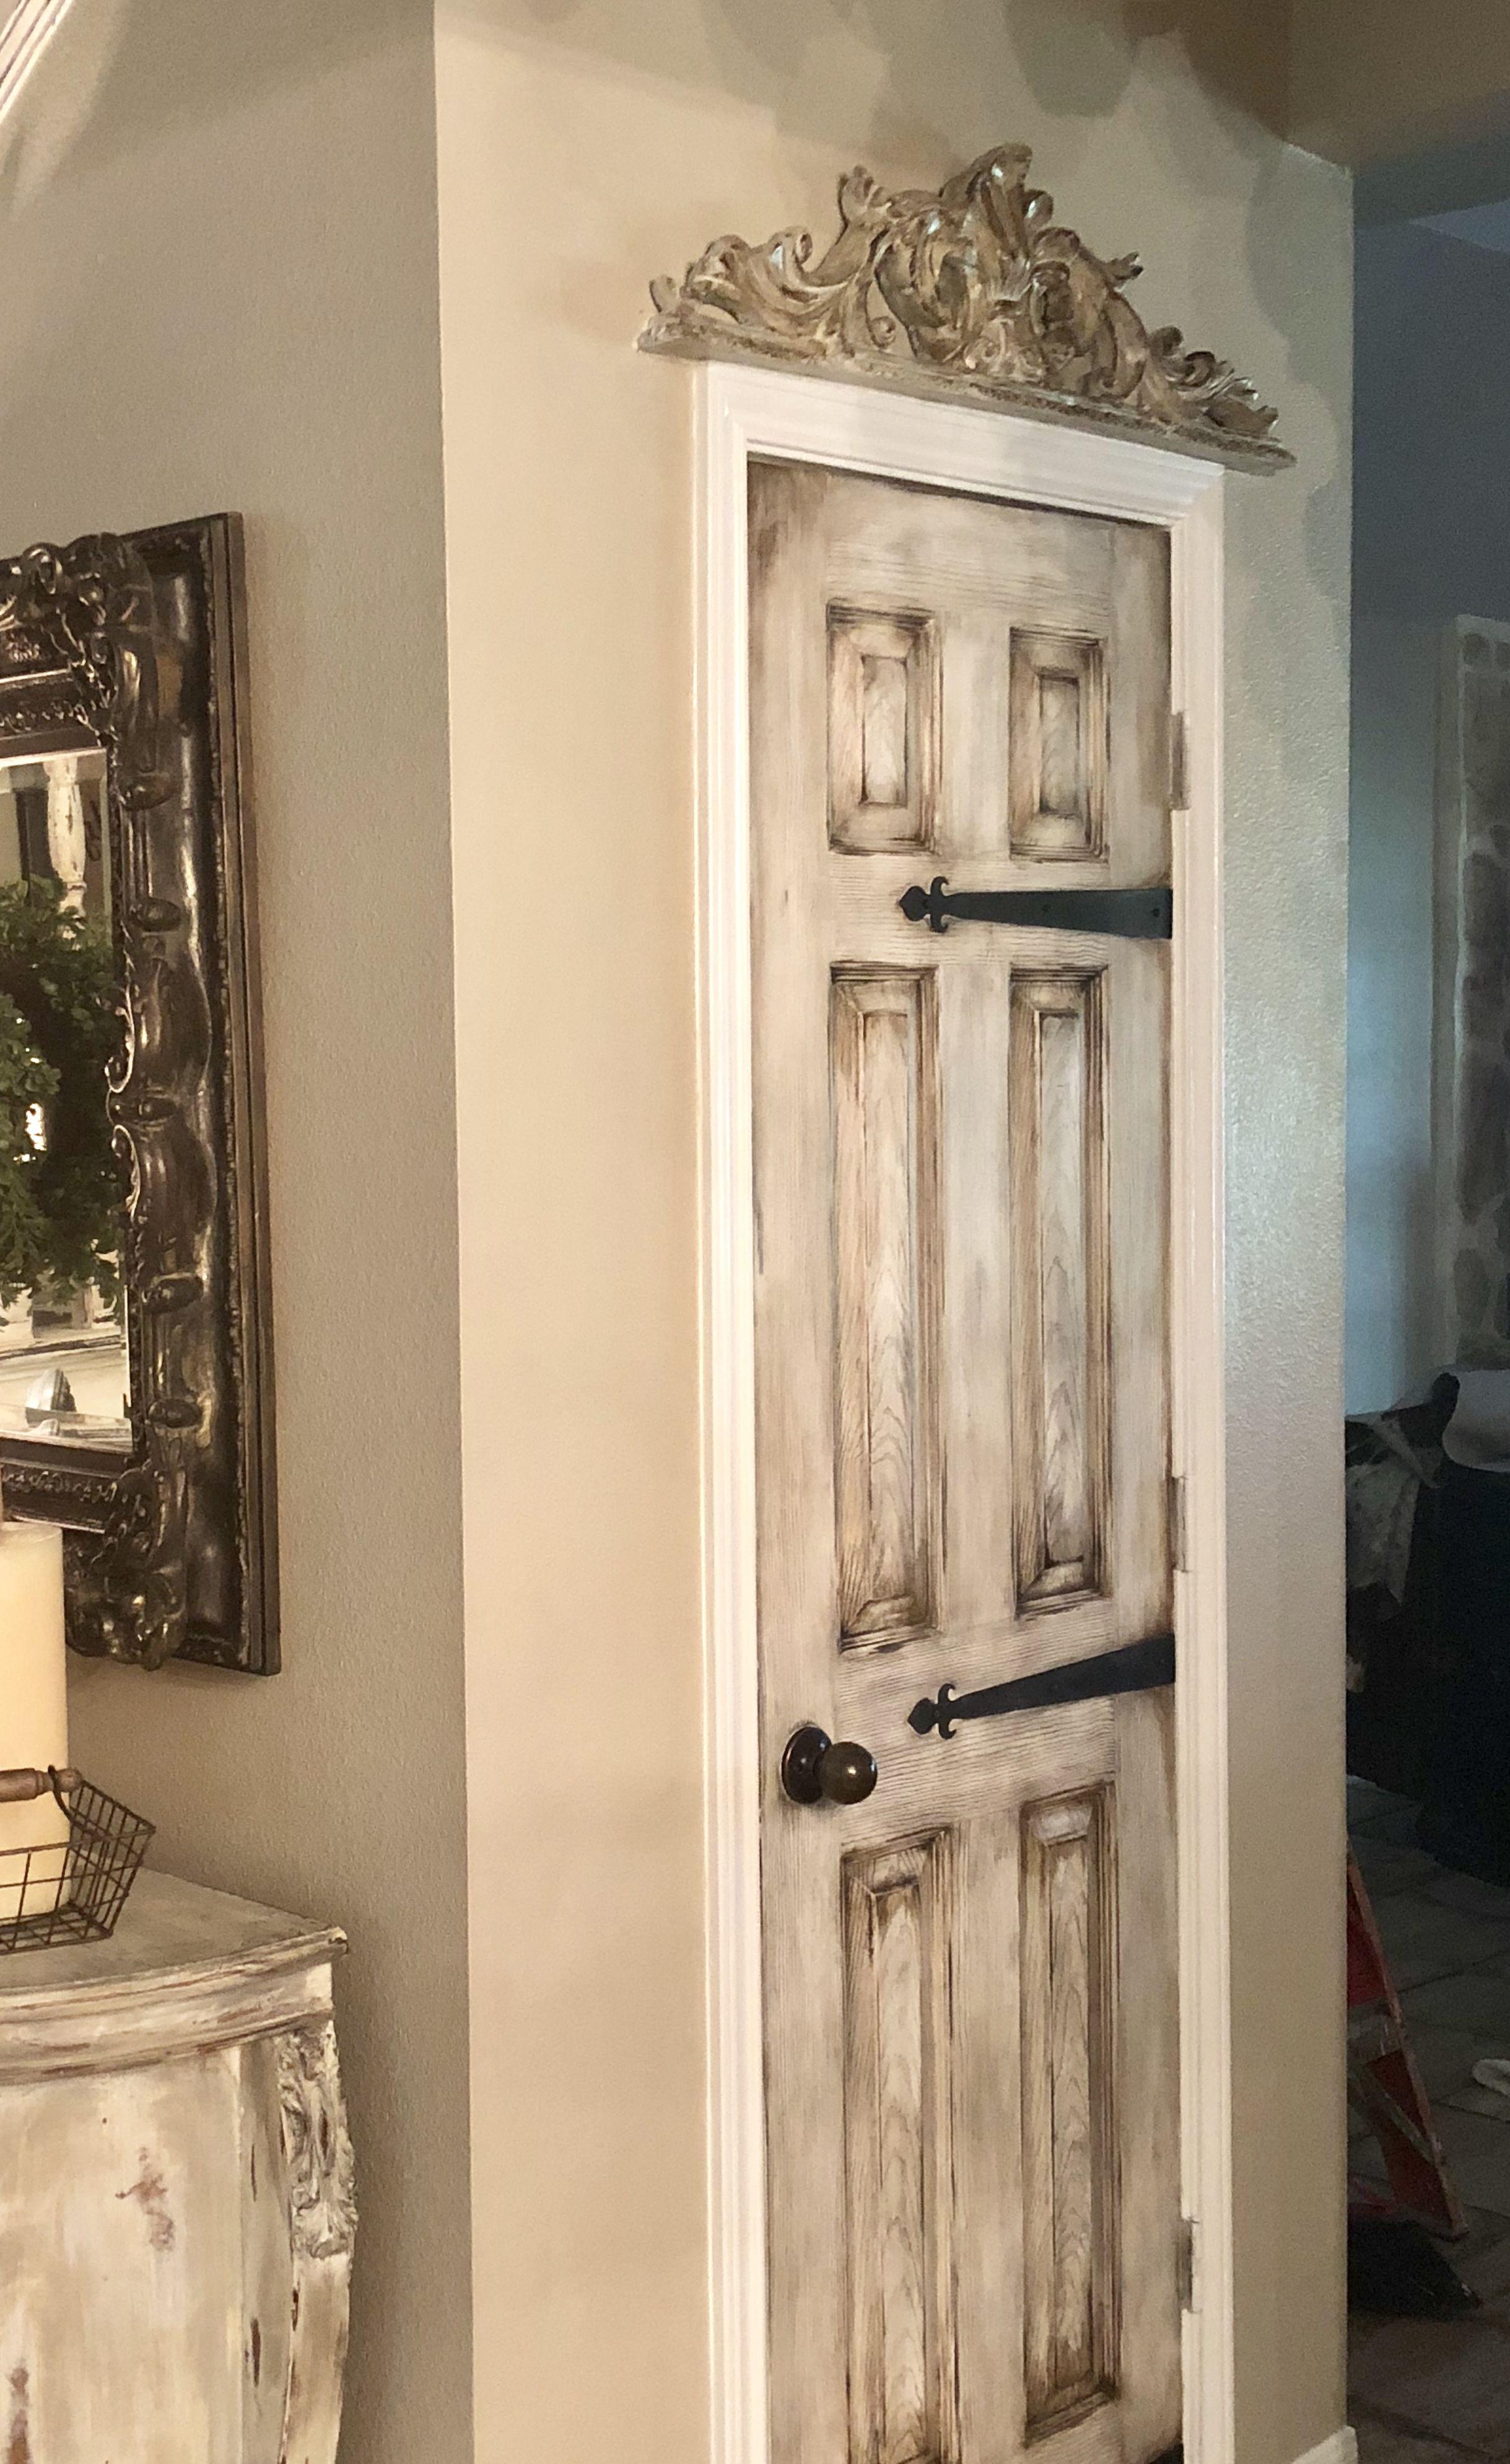 6 Panel Door Makeover Farmhouse Rustic Panel Doors Diy Wood Doors Interior Painted Interior Doors